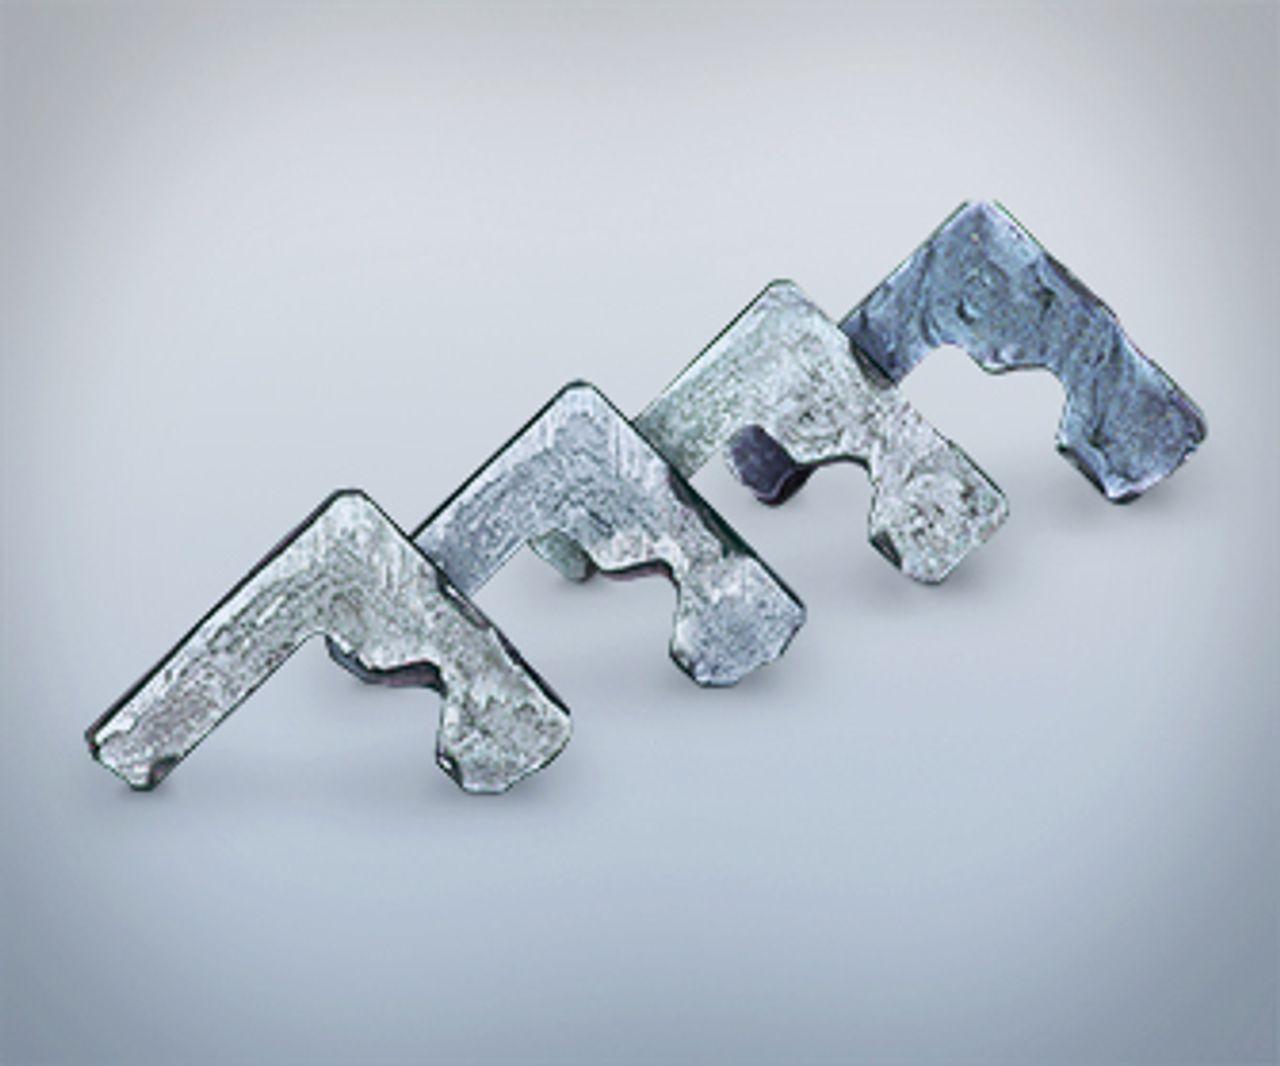 Cuatro perfiles de acero sobre un fondo gris